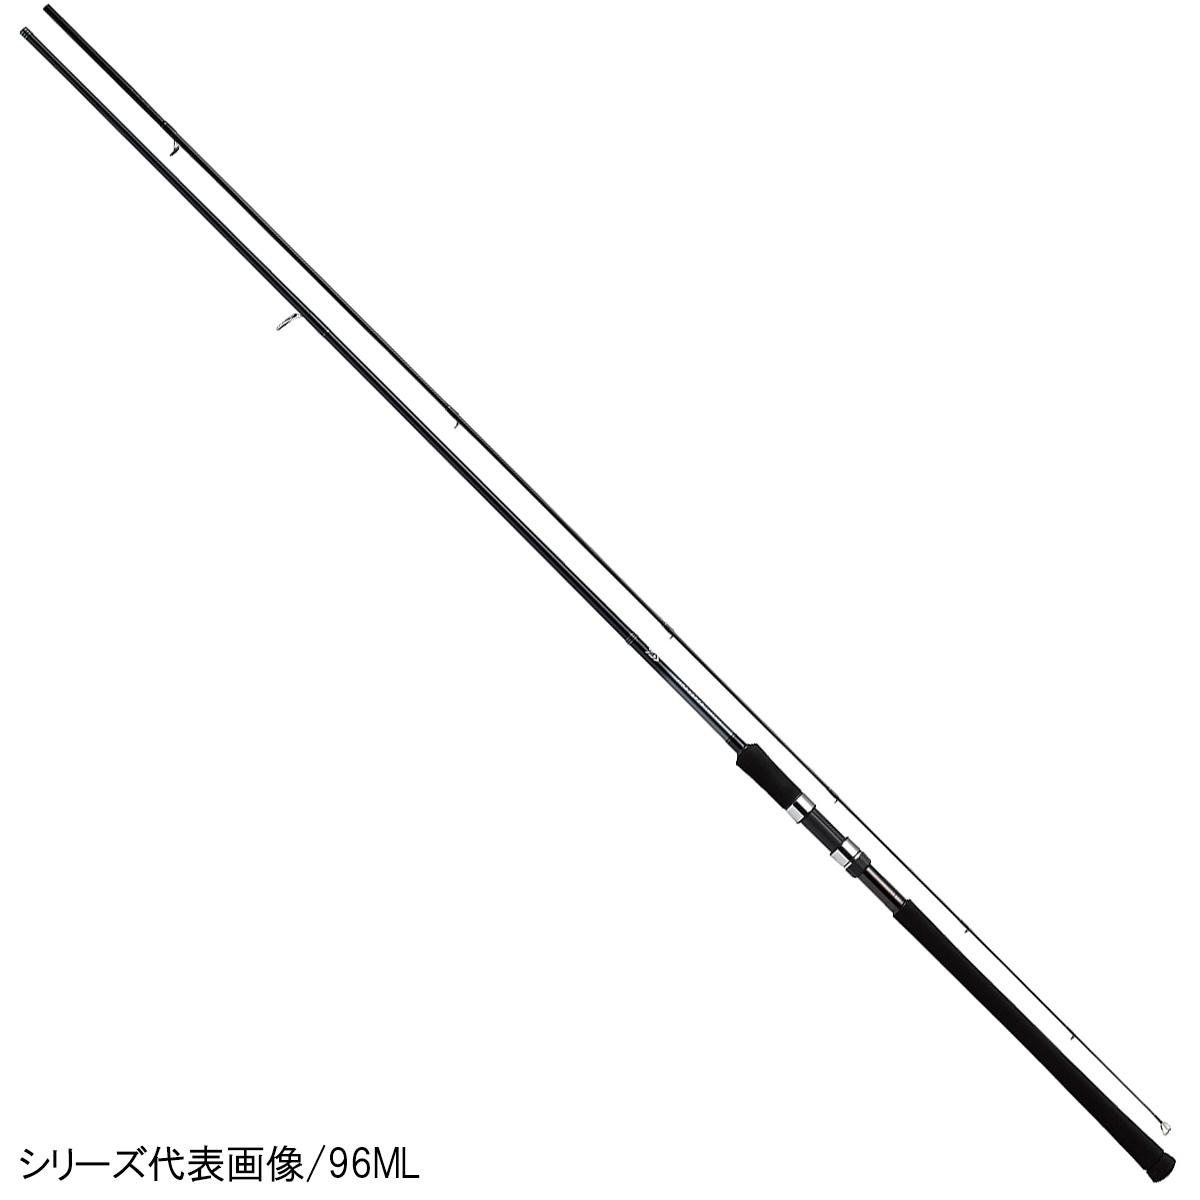 ダイワ ジグキャスター ライト 93L【大型商品】